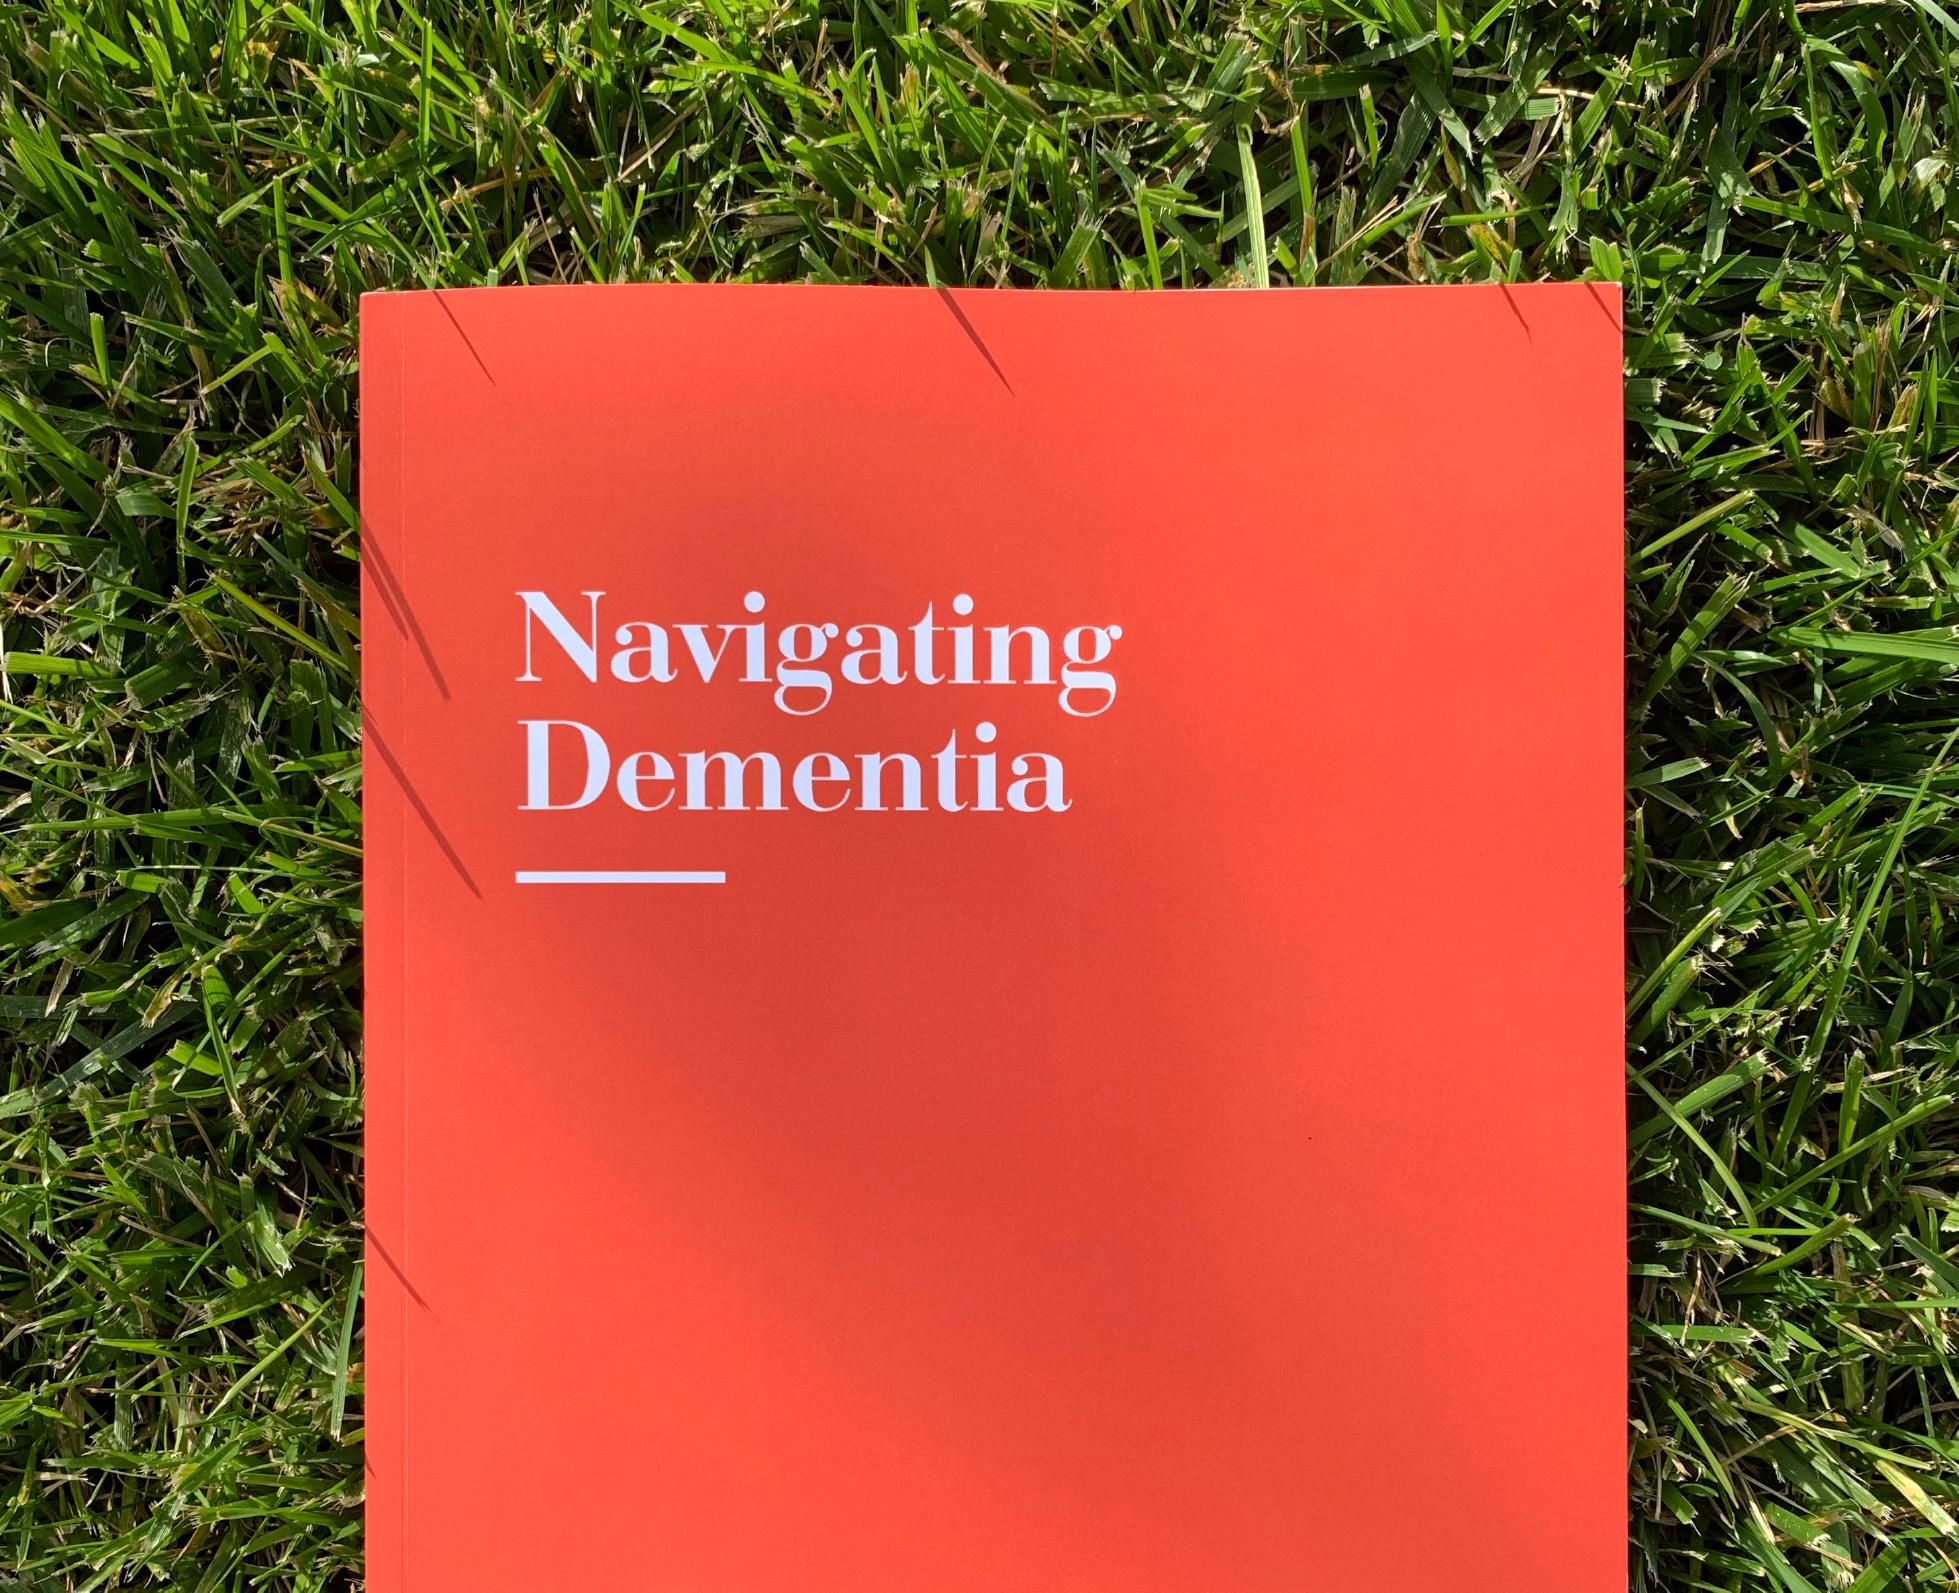 Navigating Dementia